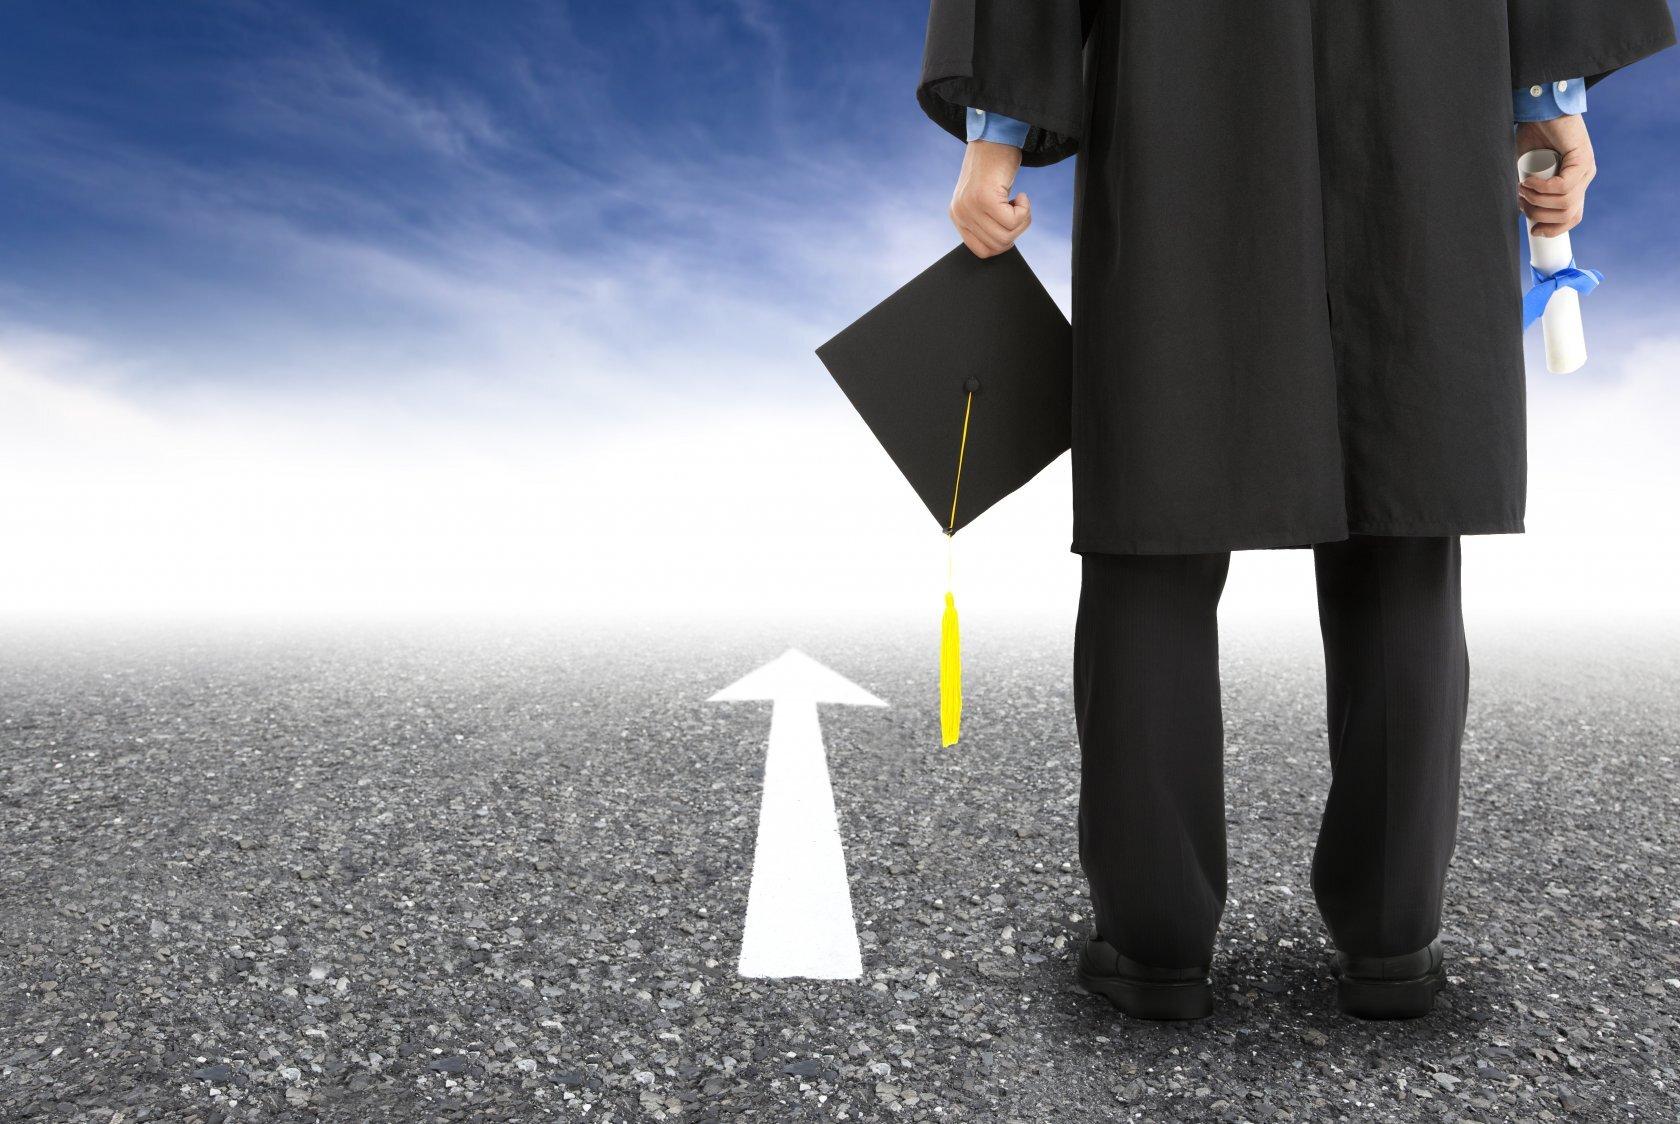 مدرک گرایی پدیدهای در سایه افزایش تعداد دانشگاه ها/ وقتی بیکاری گربانگیر قشر فارغ التحصیلان میشود